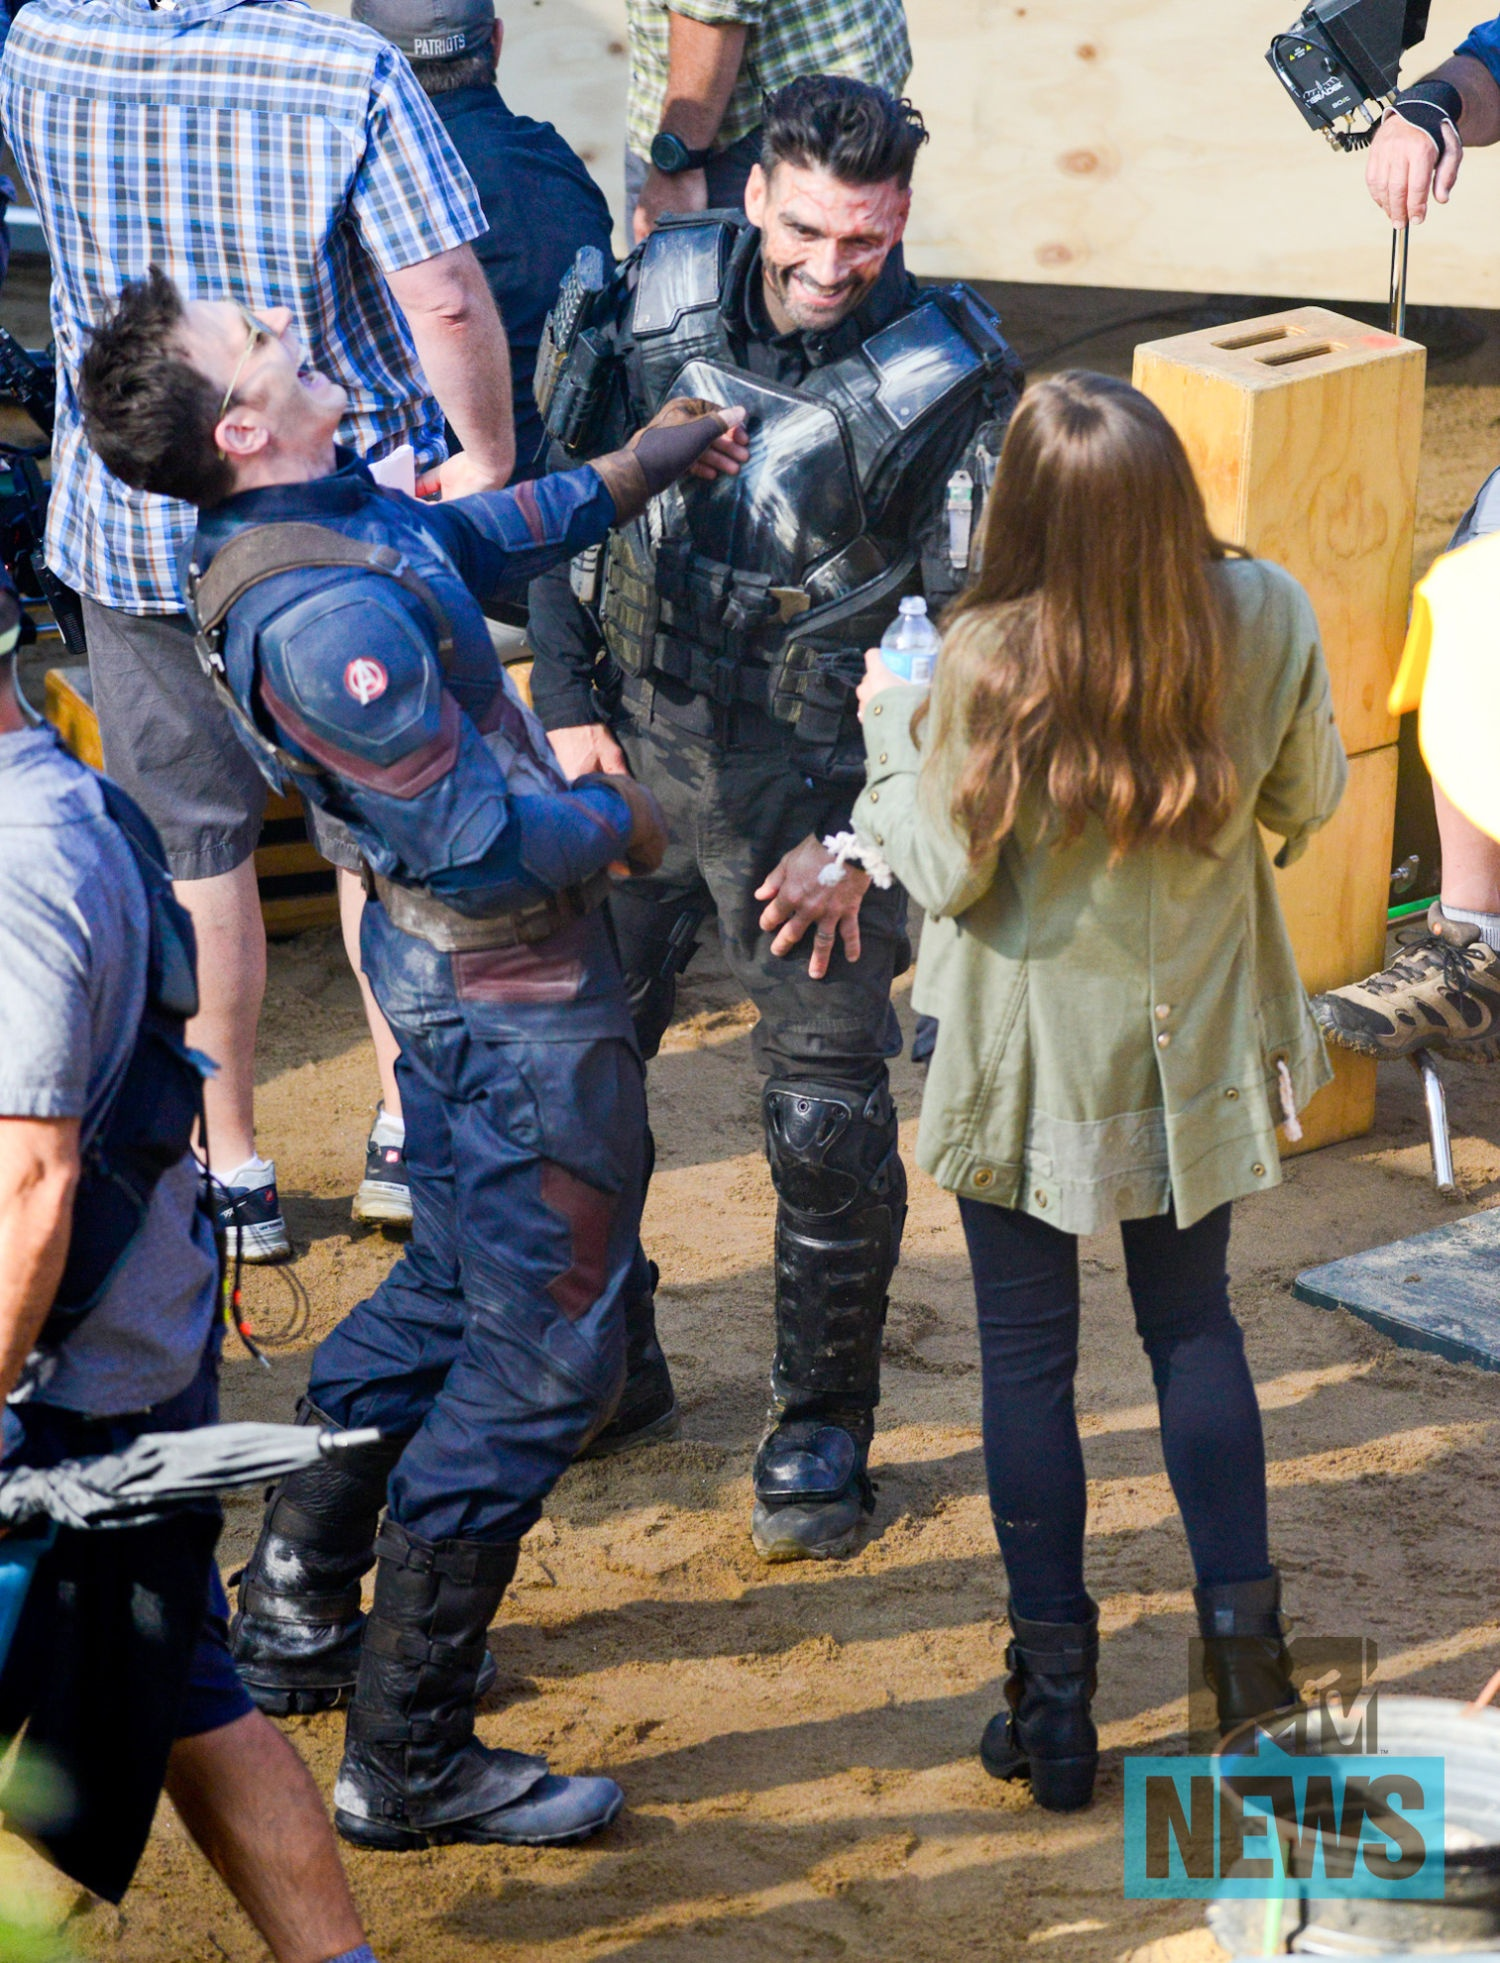 Фото - Первый мститель: Гражданская война: 1500x1963 / 727.54 Кб